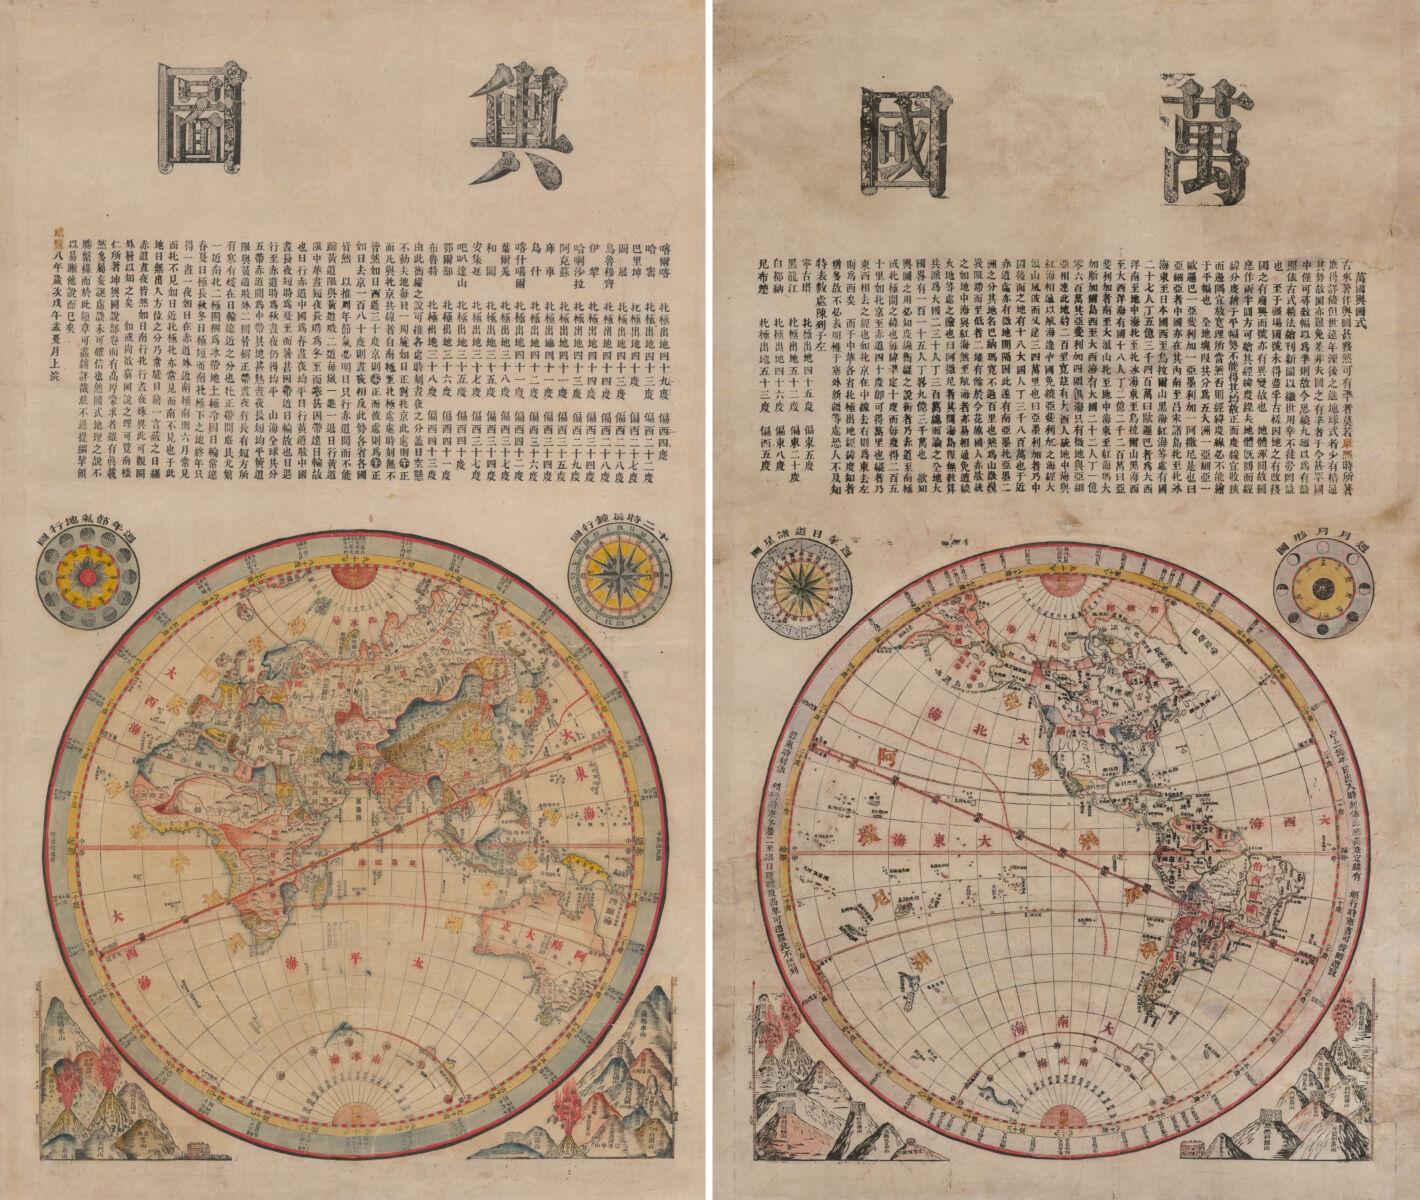 萬國與圖 [=Map of the world] (1858). China, Qing dynasty, woodblock print, ink, color and gold on paper, 127 × 75 cm (each), MacLean Collection 31582